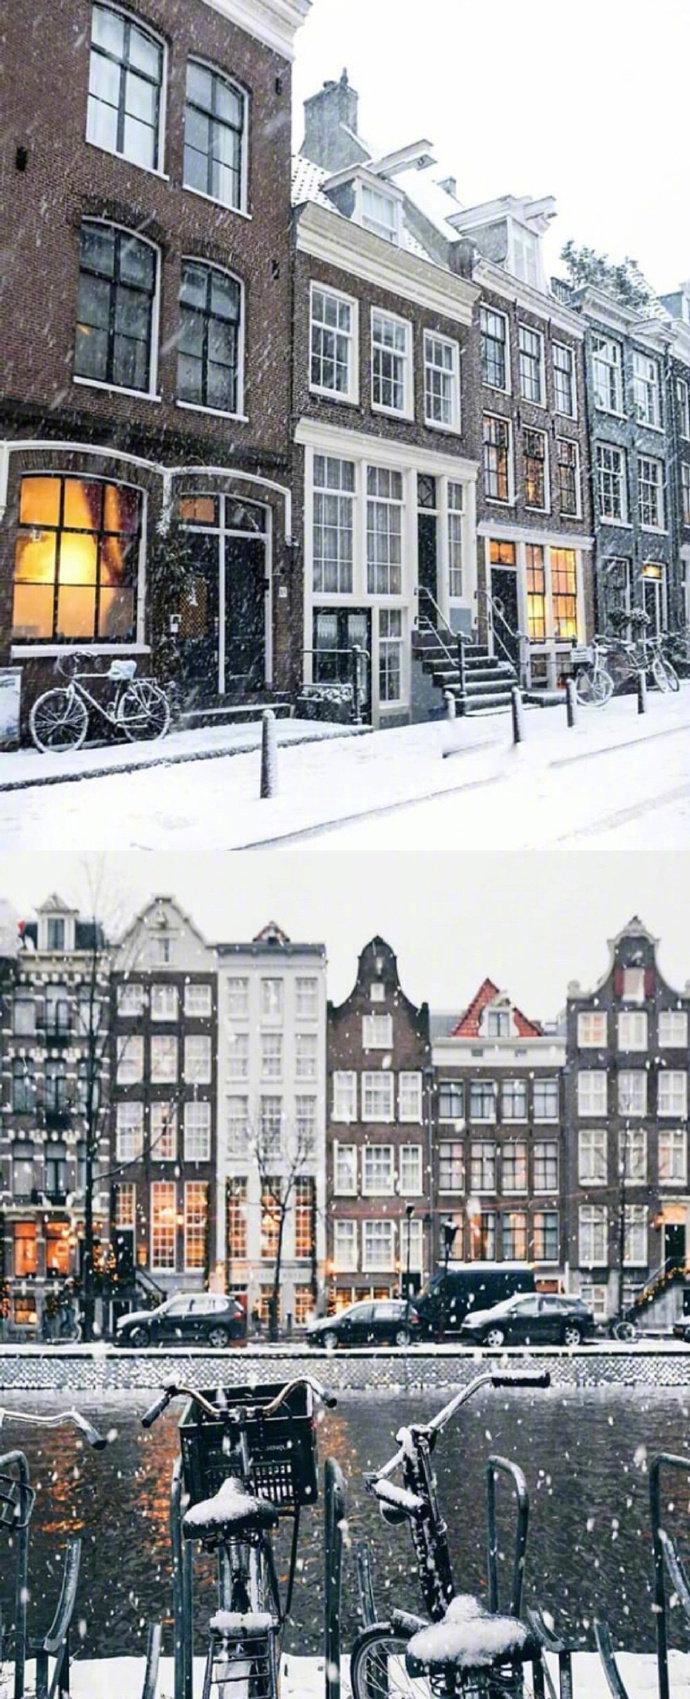 阿姆斯特丹的冬天,依旧那么美